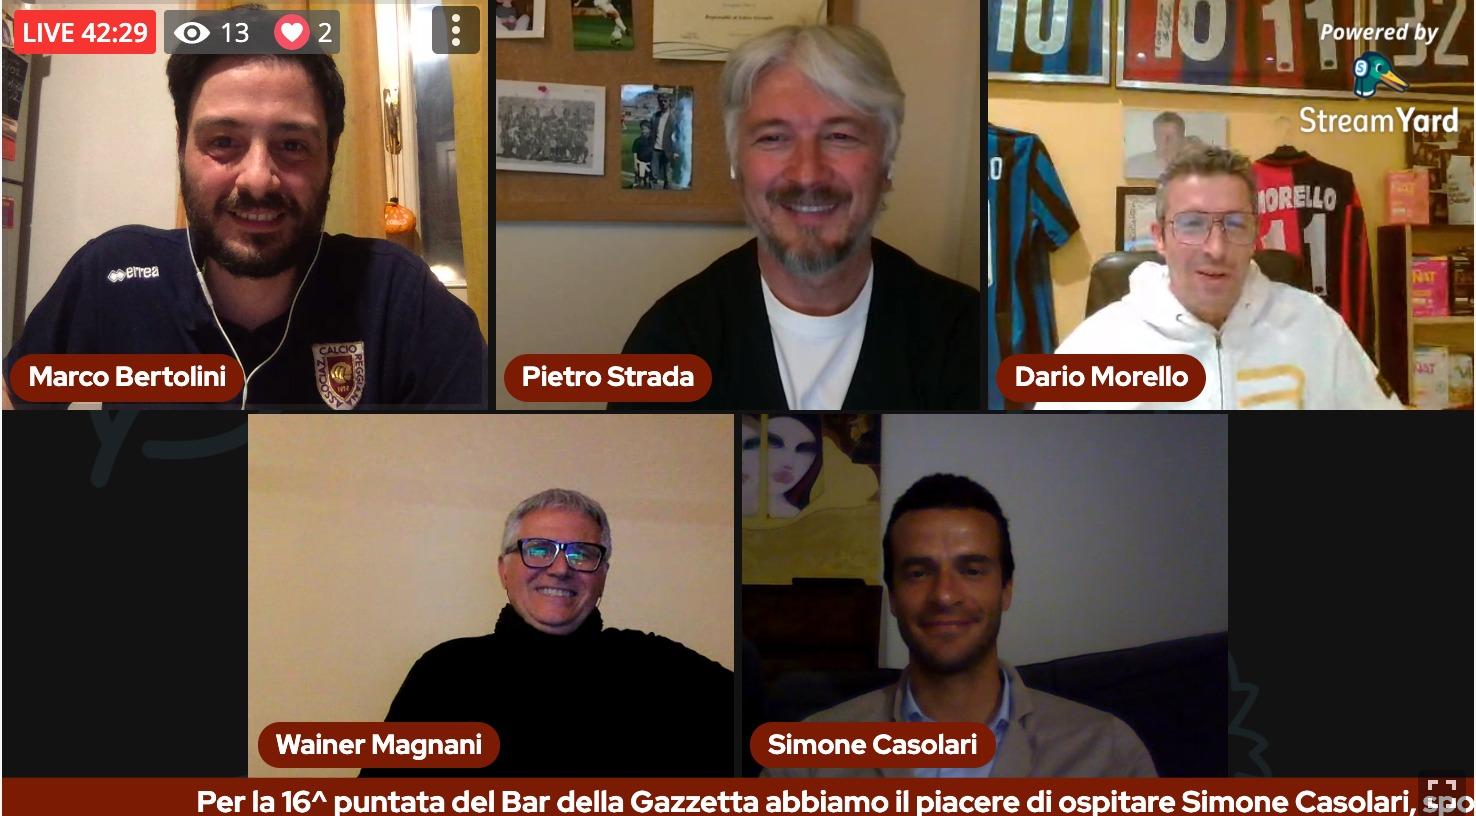 Il Bar della Gazzetta: 16^ puntata con Pietro Strada e Simone Casolari